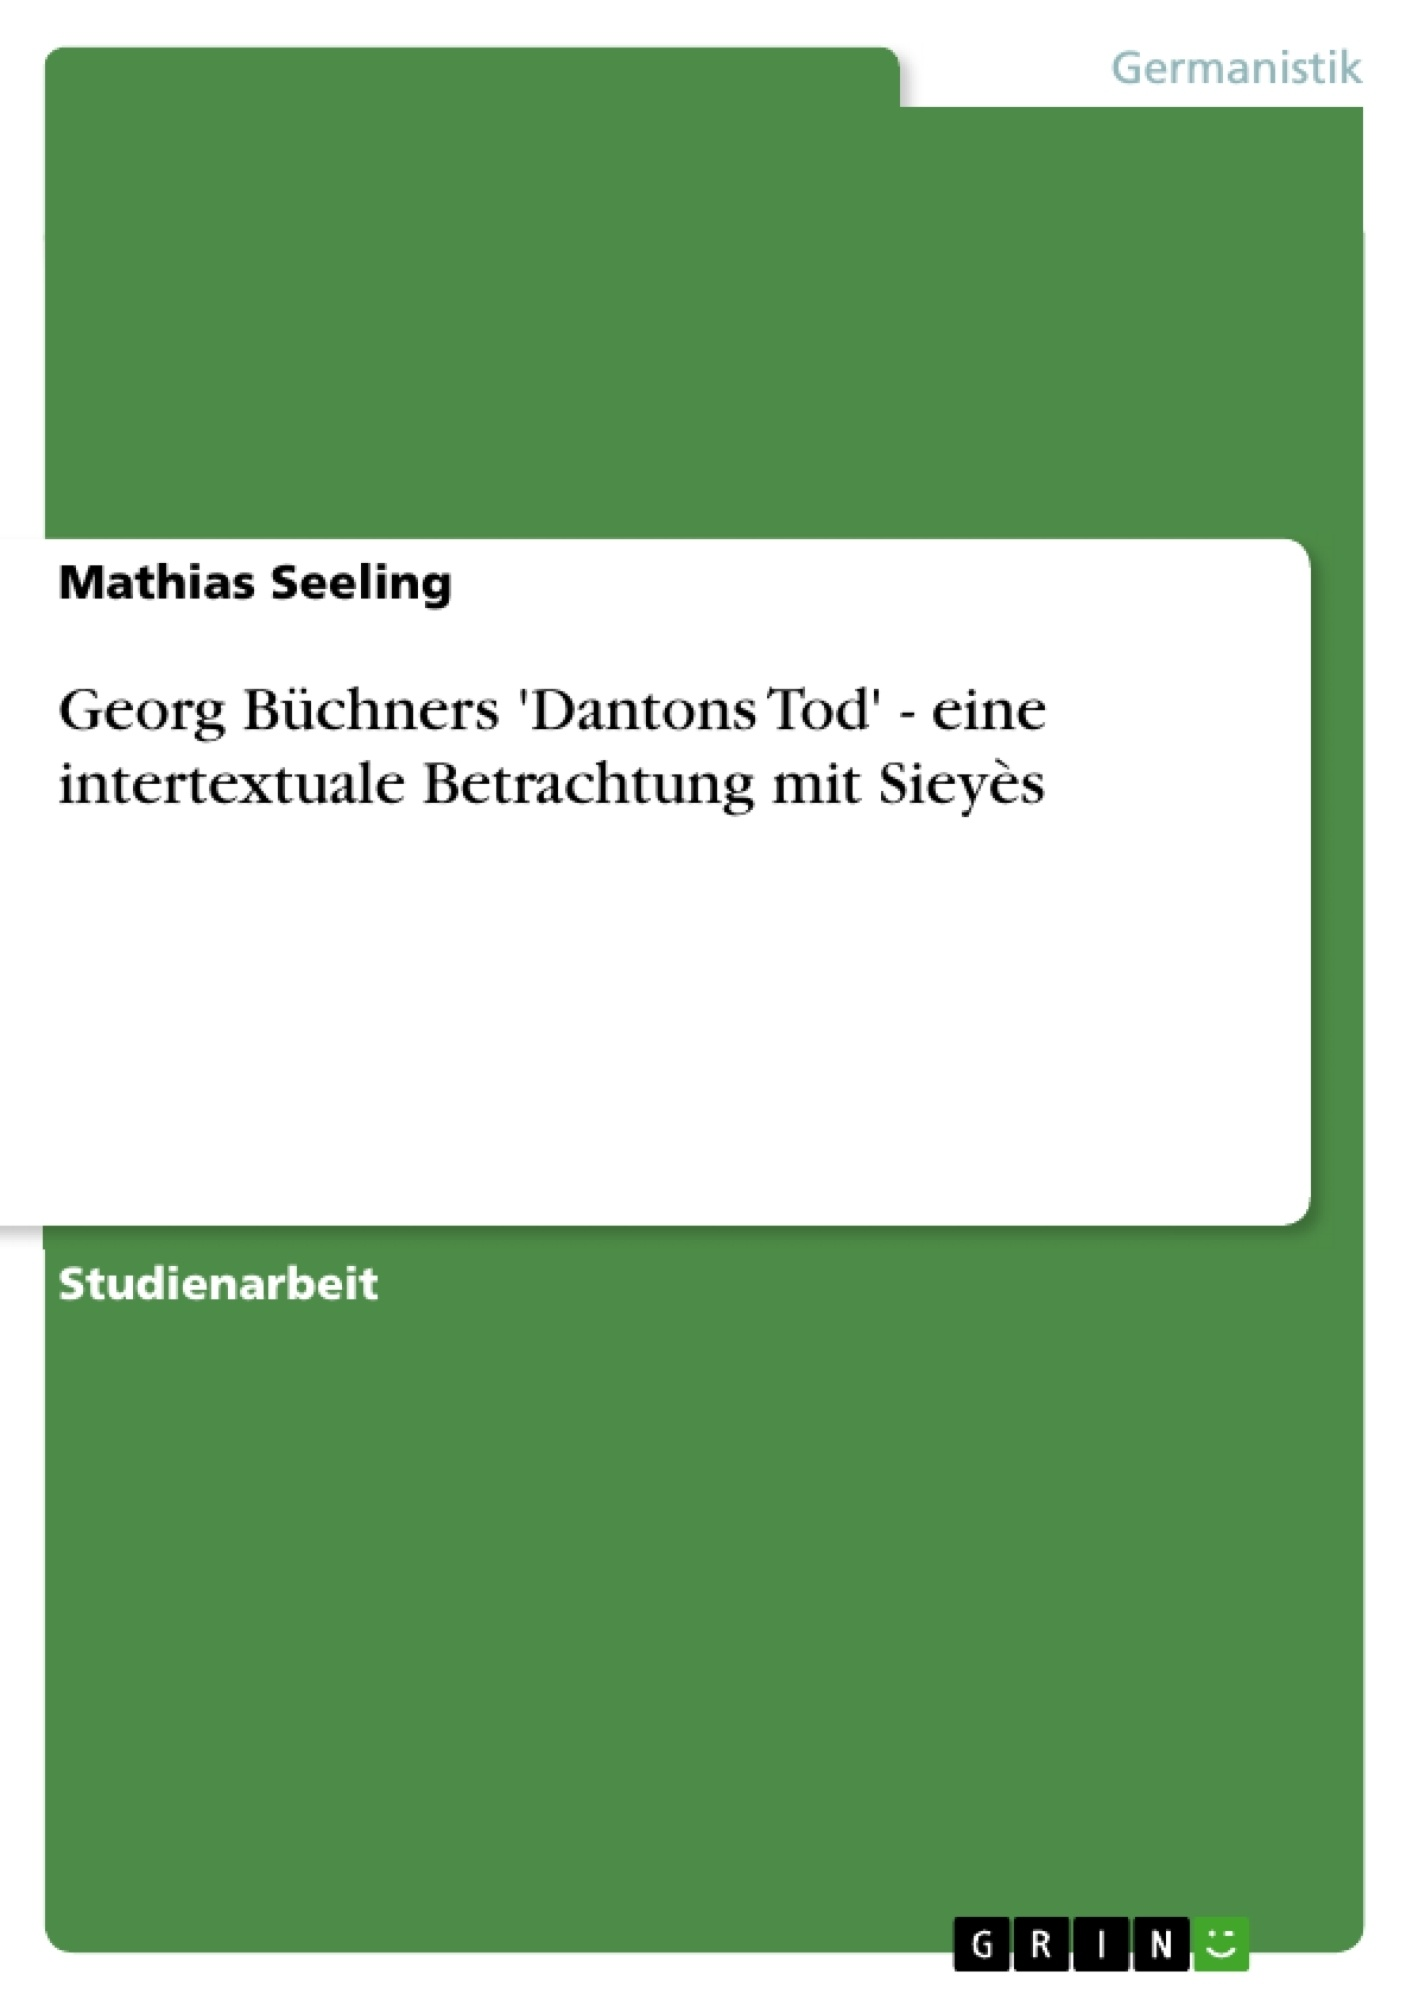 Titel: Georg Büchners 'Dantons Tod' - eine intertextuale Betrachtung mit Sieyès